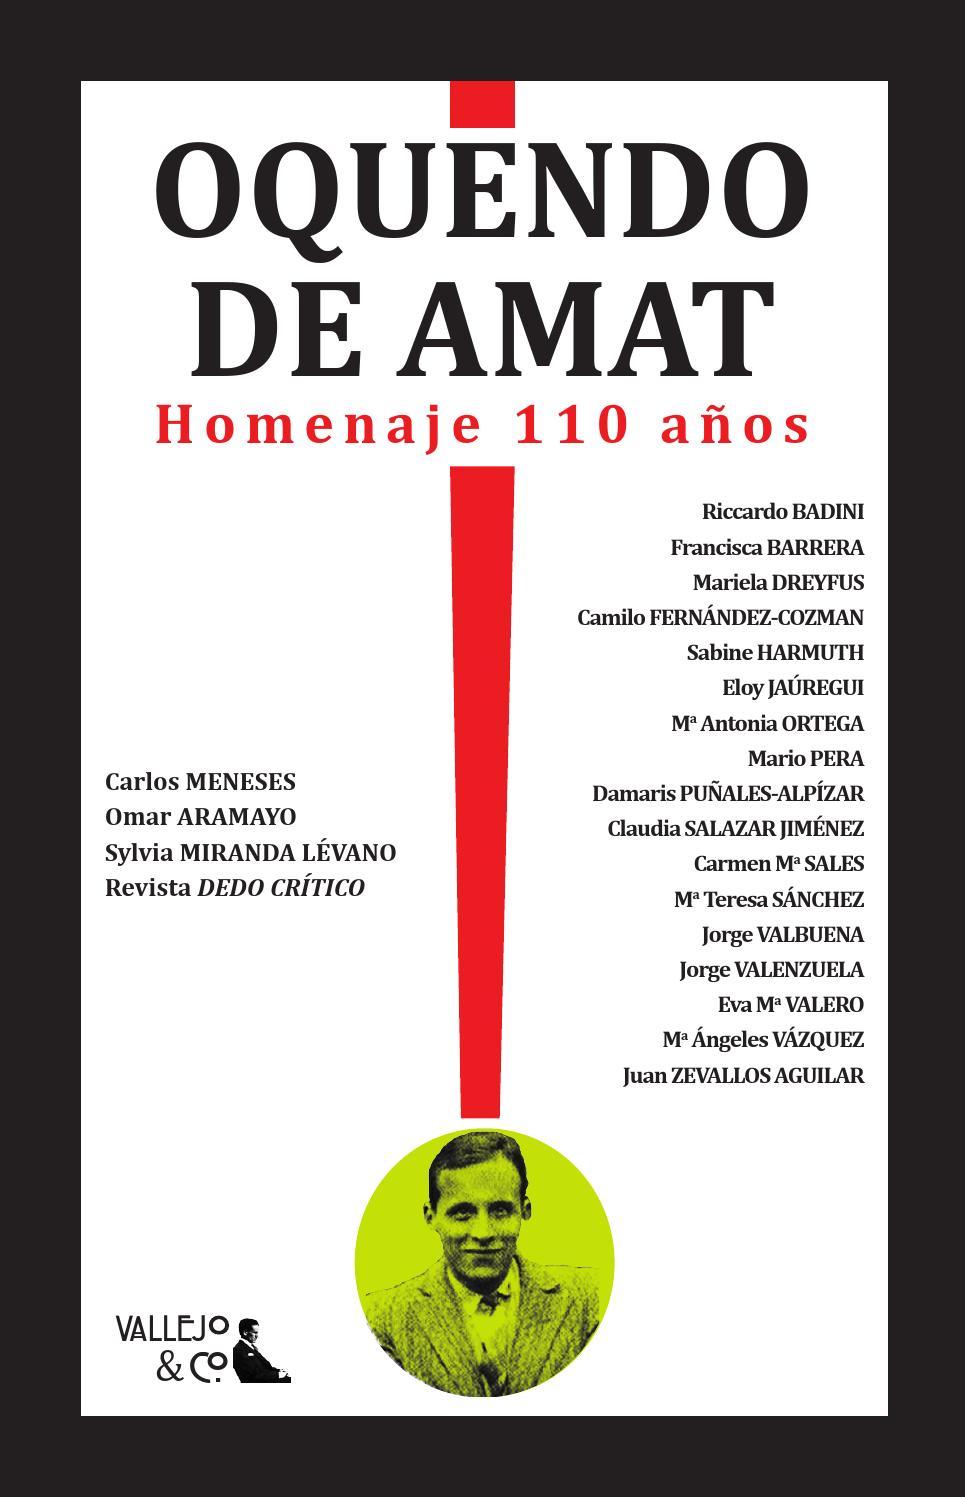 Carlos Oquendo de Amat. Homenaje 110 años by Vallejo   Co. - issuu b3034843db9